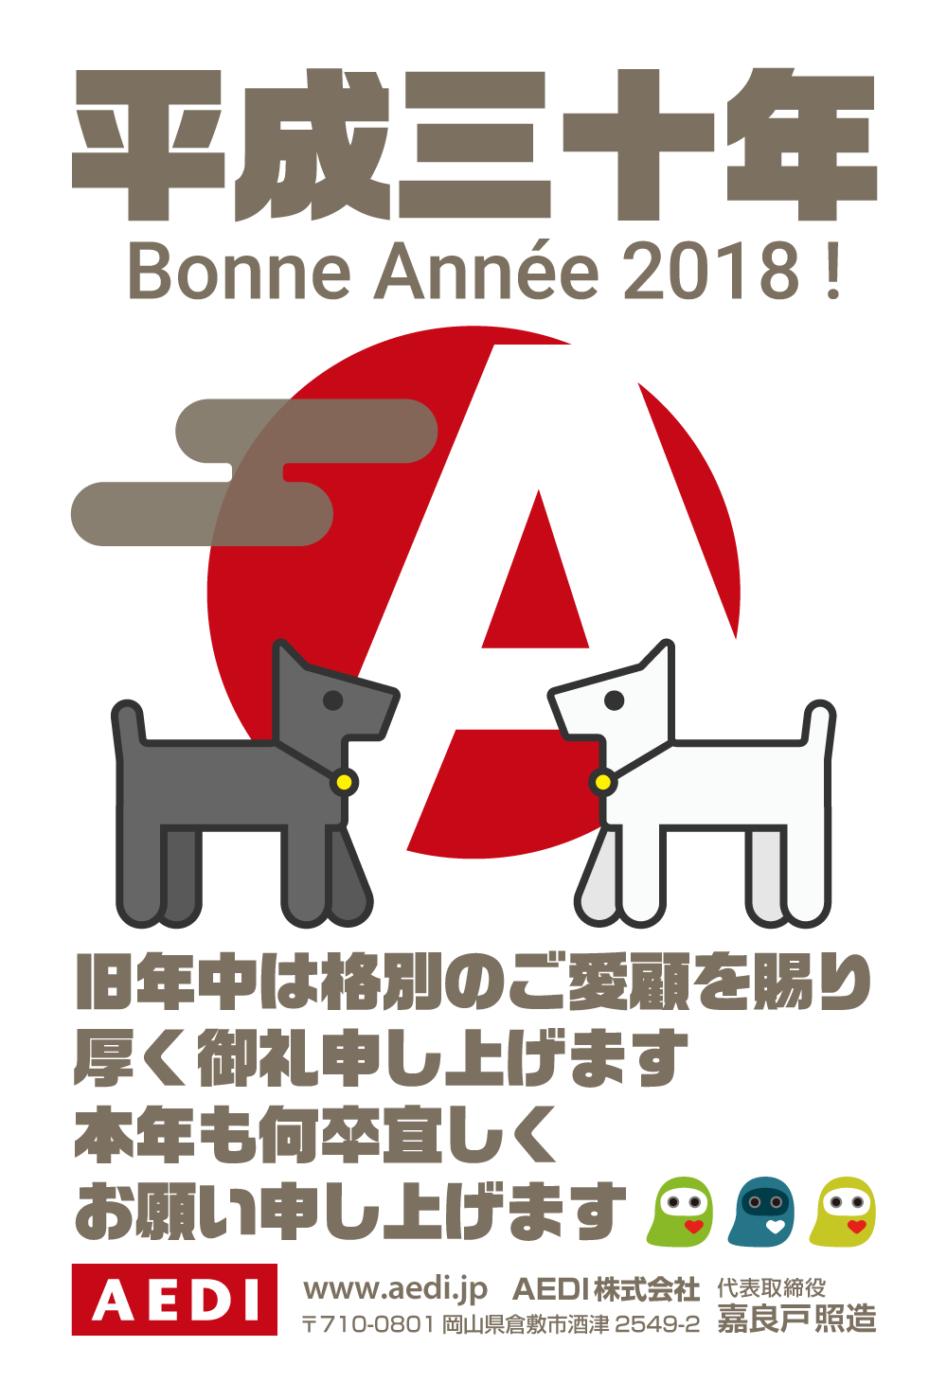 平成30年 Bonne Année 2018 ! 年賀状